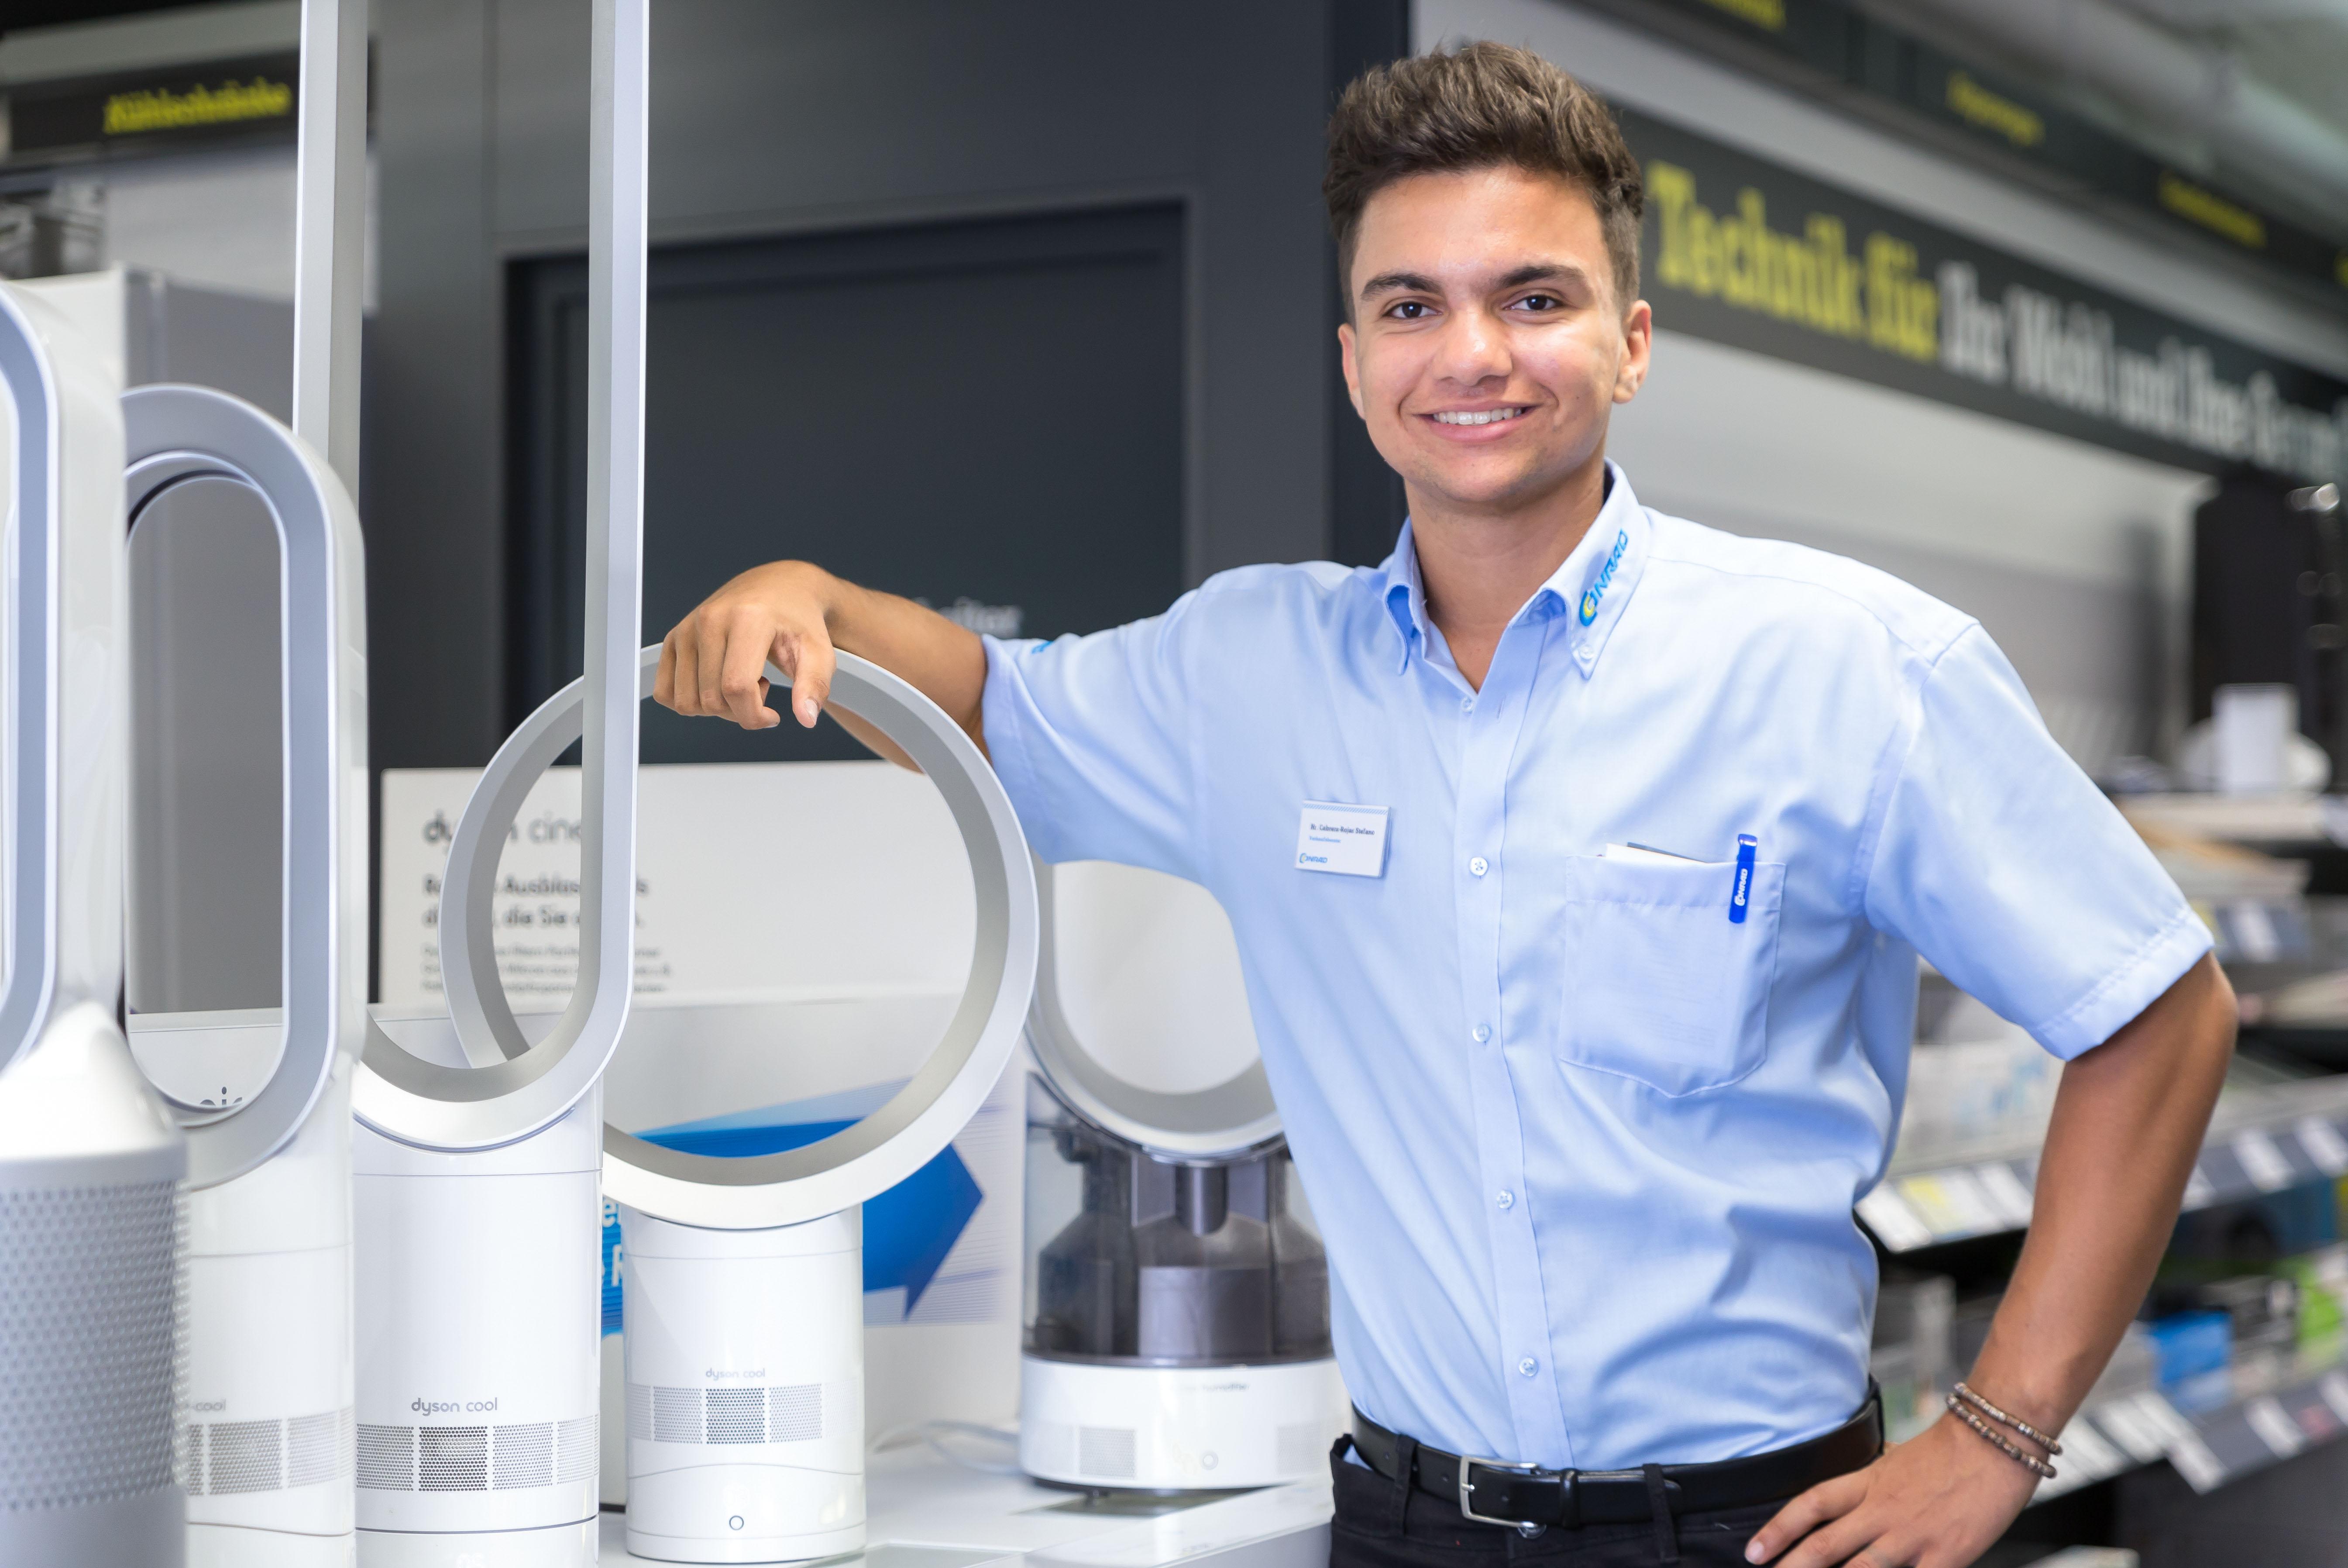 Business_Commercial_ConradMegastore_Haustechnik_Dyson